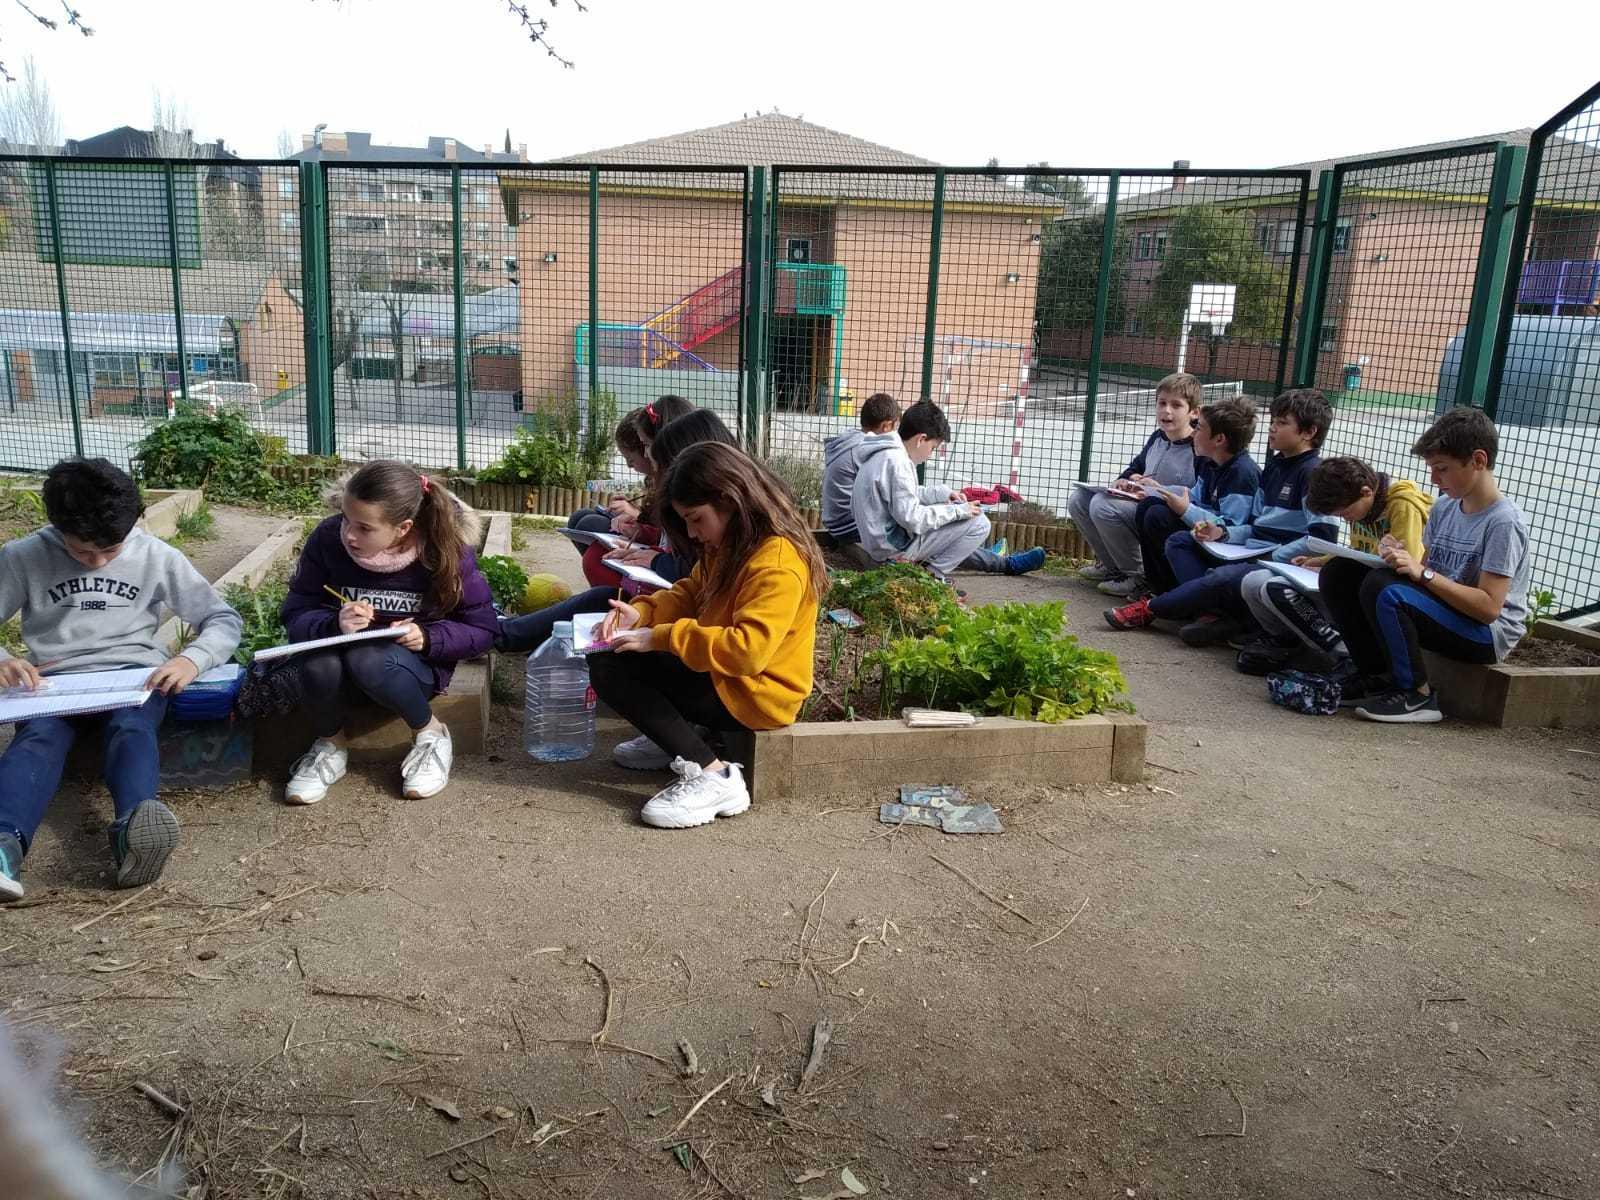 2019_02_24_Quinto termina febrero con las actividades de huerto_CEIP FDLR_Las Rozas_2019 12